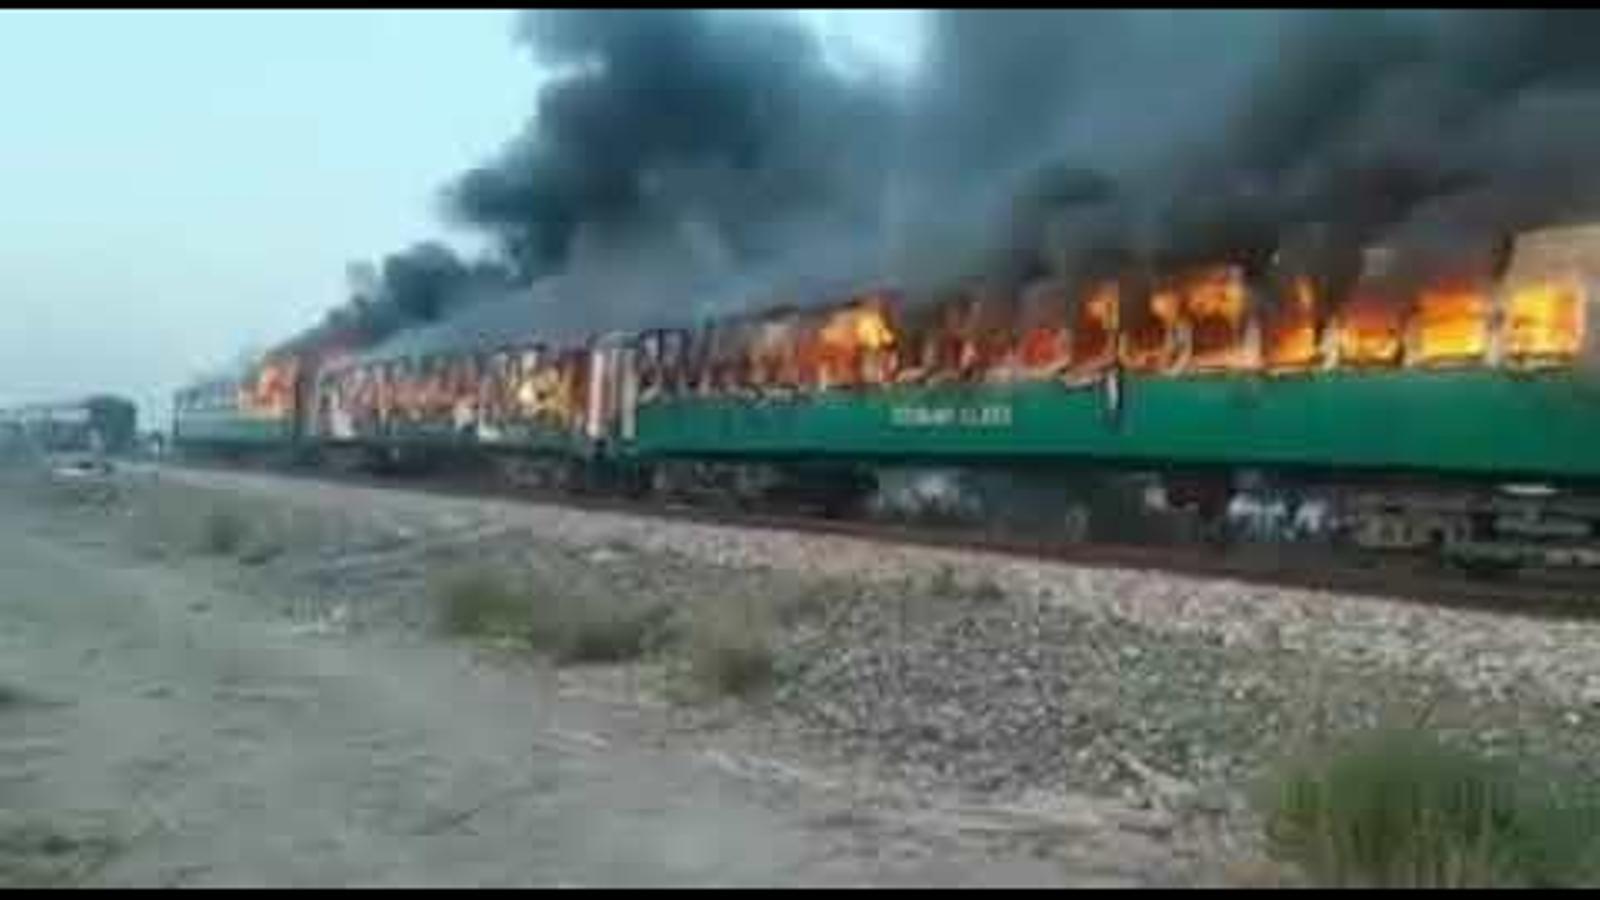 Tres vagons del tren cremen profusament al sud-est del Pakistan.